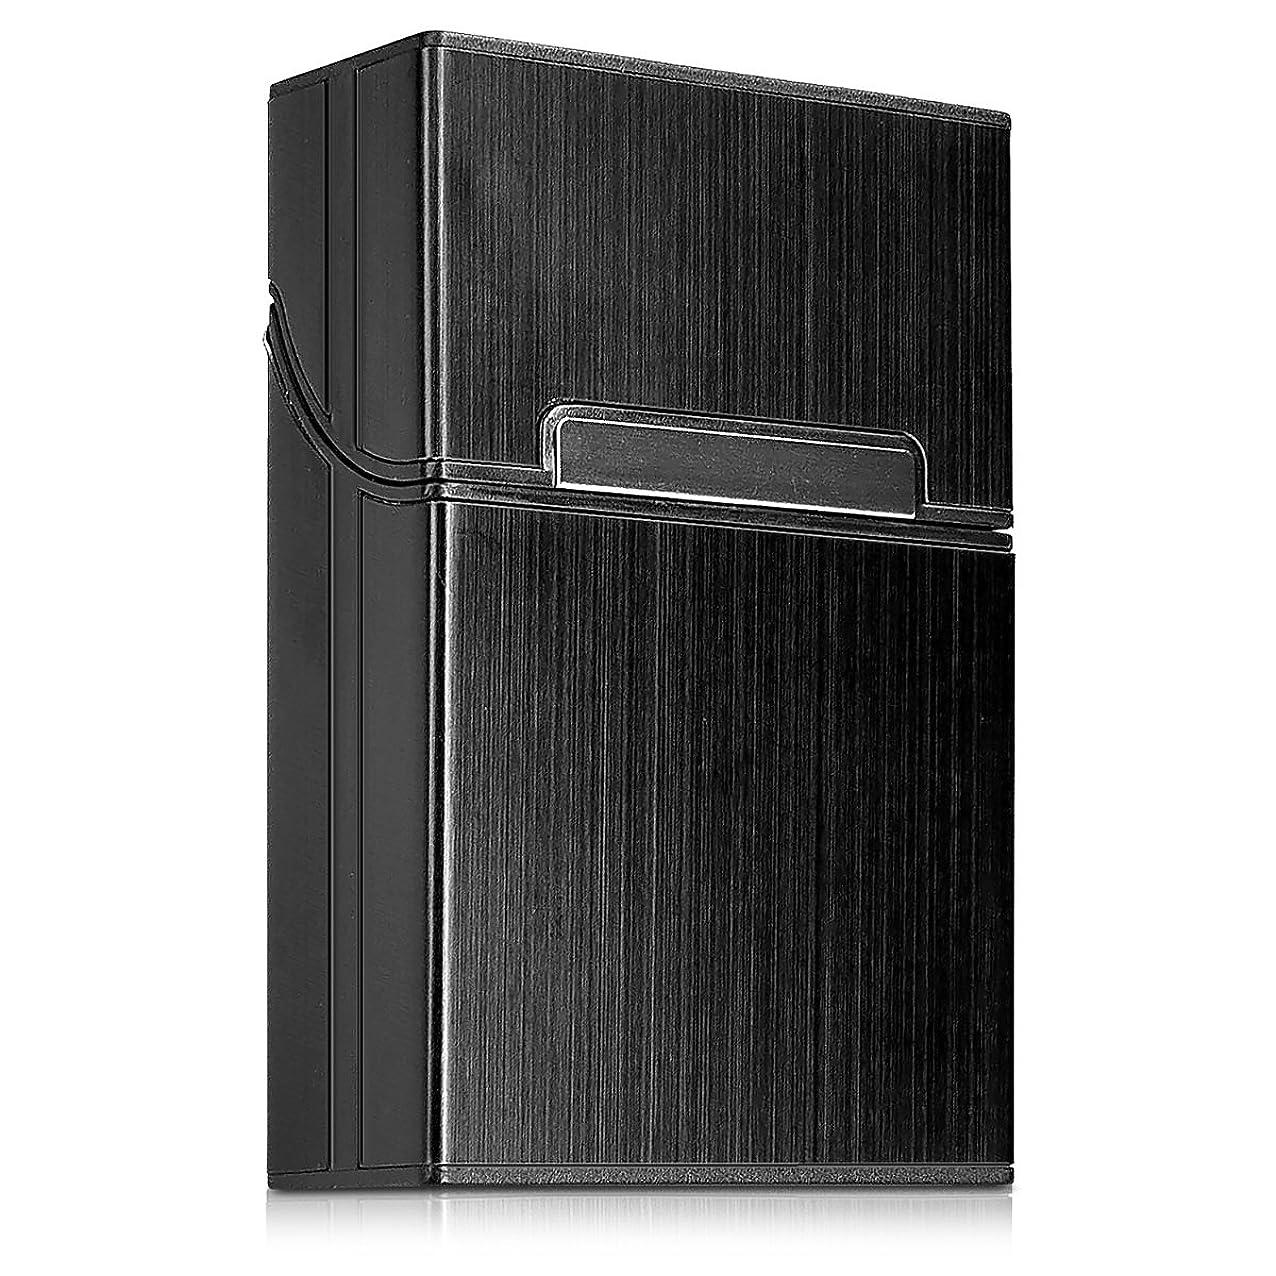 公然と霜キルスkwmobile シガレットケース たばこボックス - アルミニウム カバー マグネットクロージャー付き 黒色